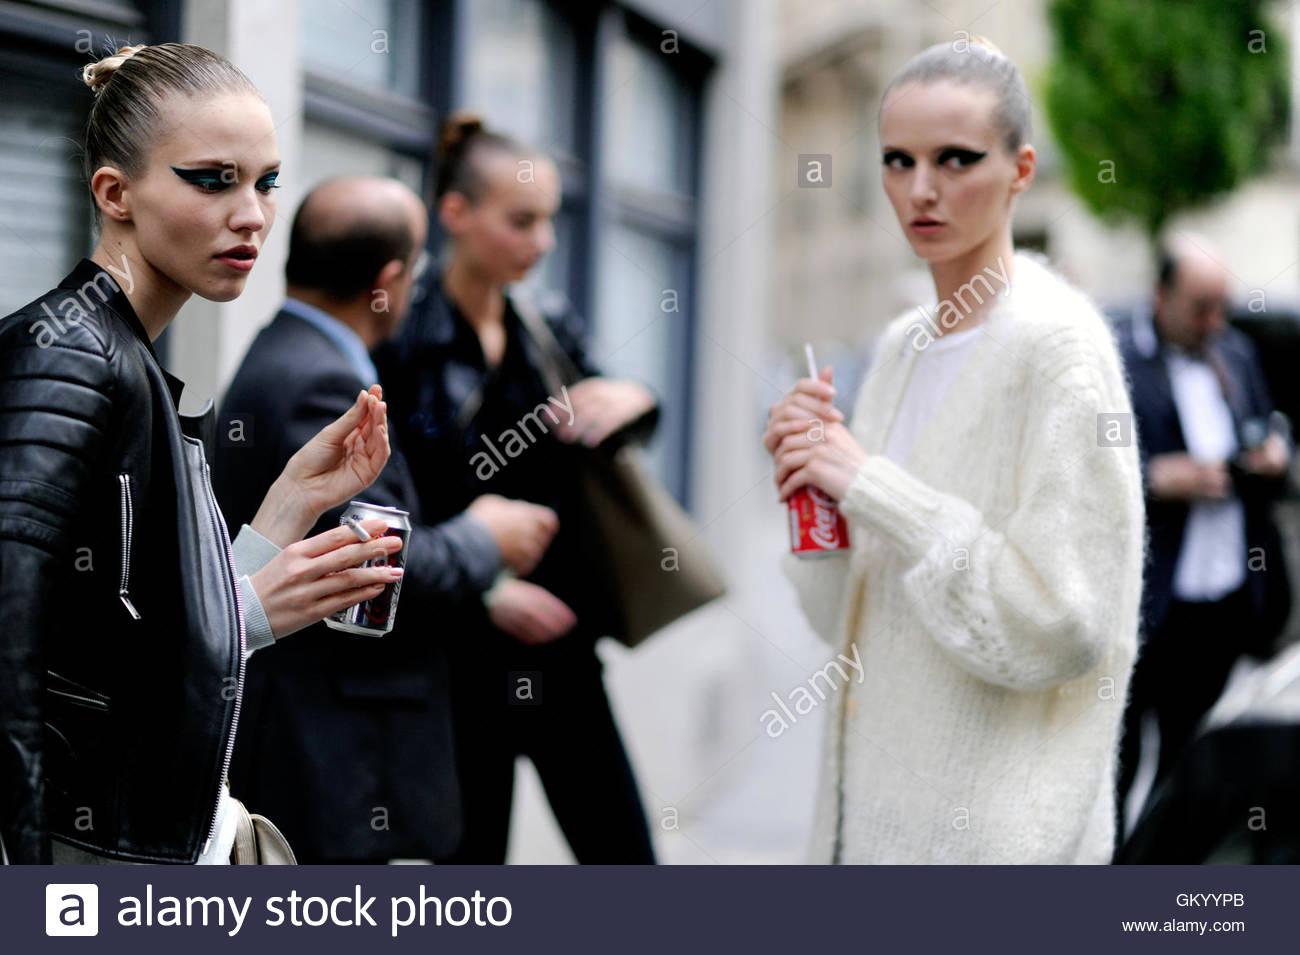 Models Off Duty, Paris  Haute Couture Fashion Week July 2014.Avenue de Friedland, Paris France. - Stock Image